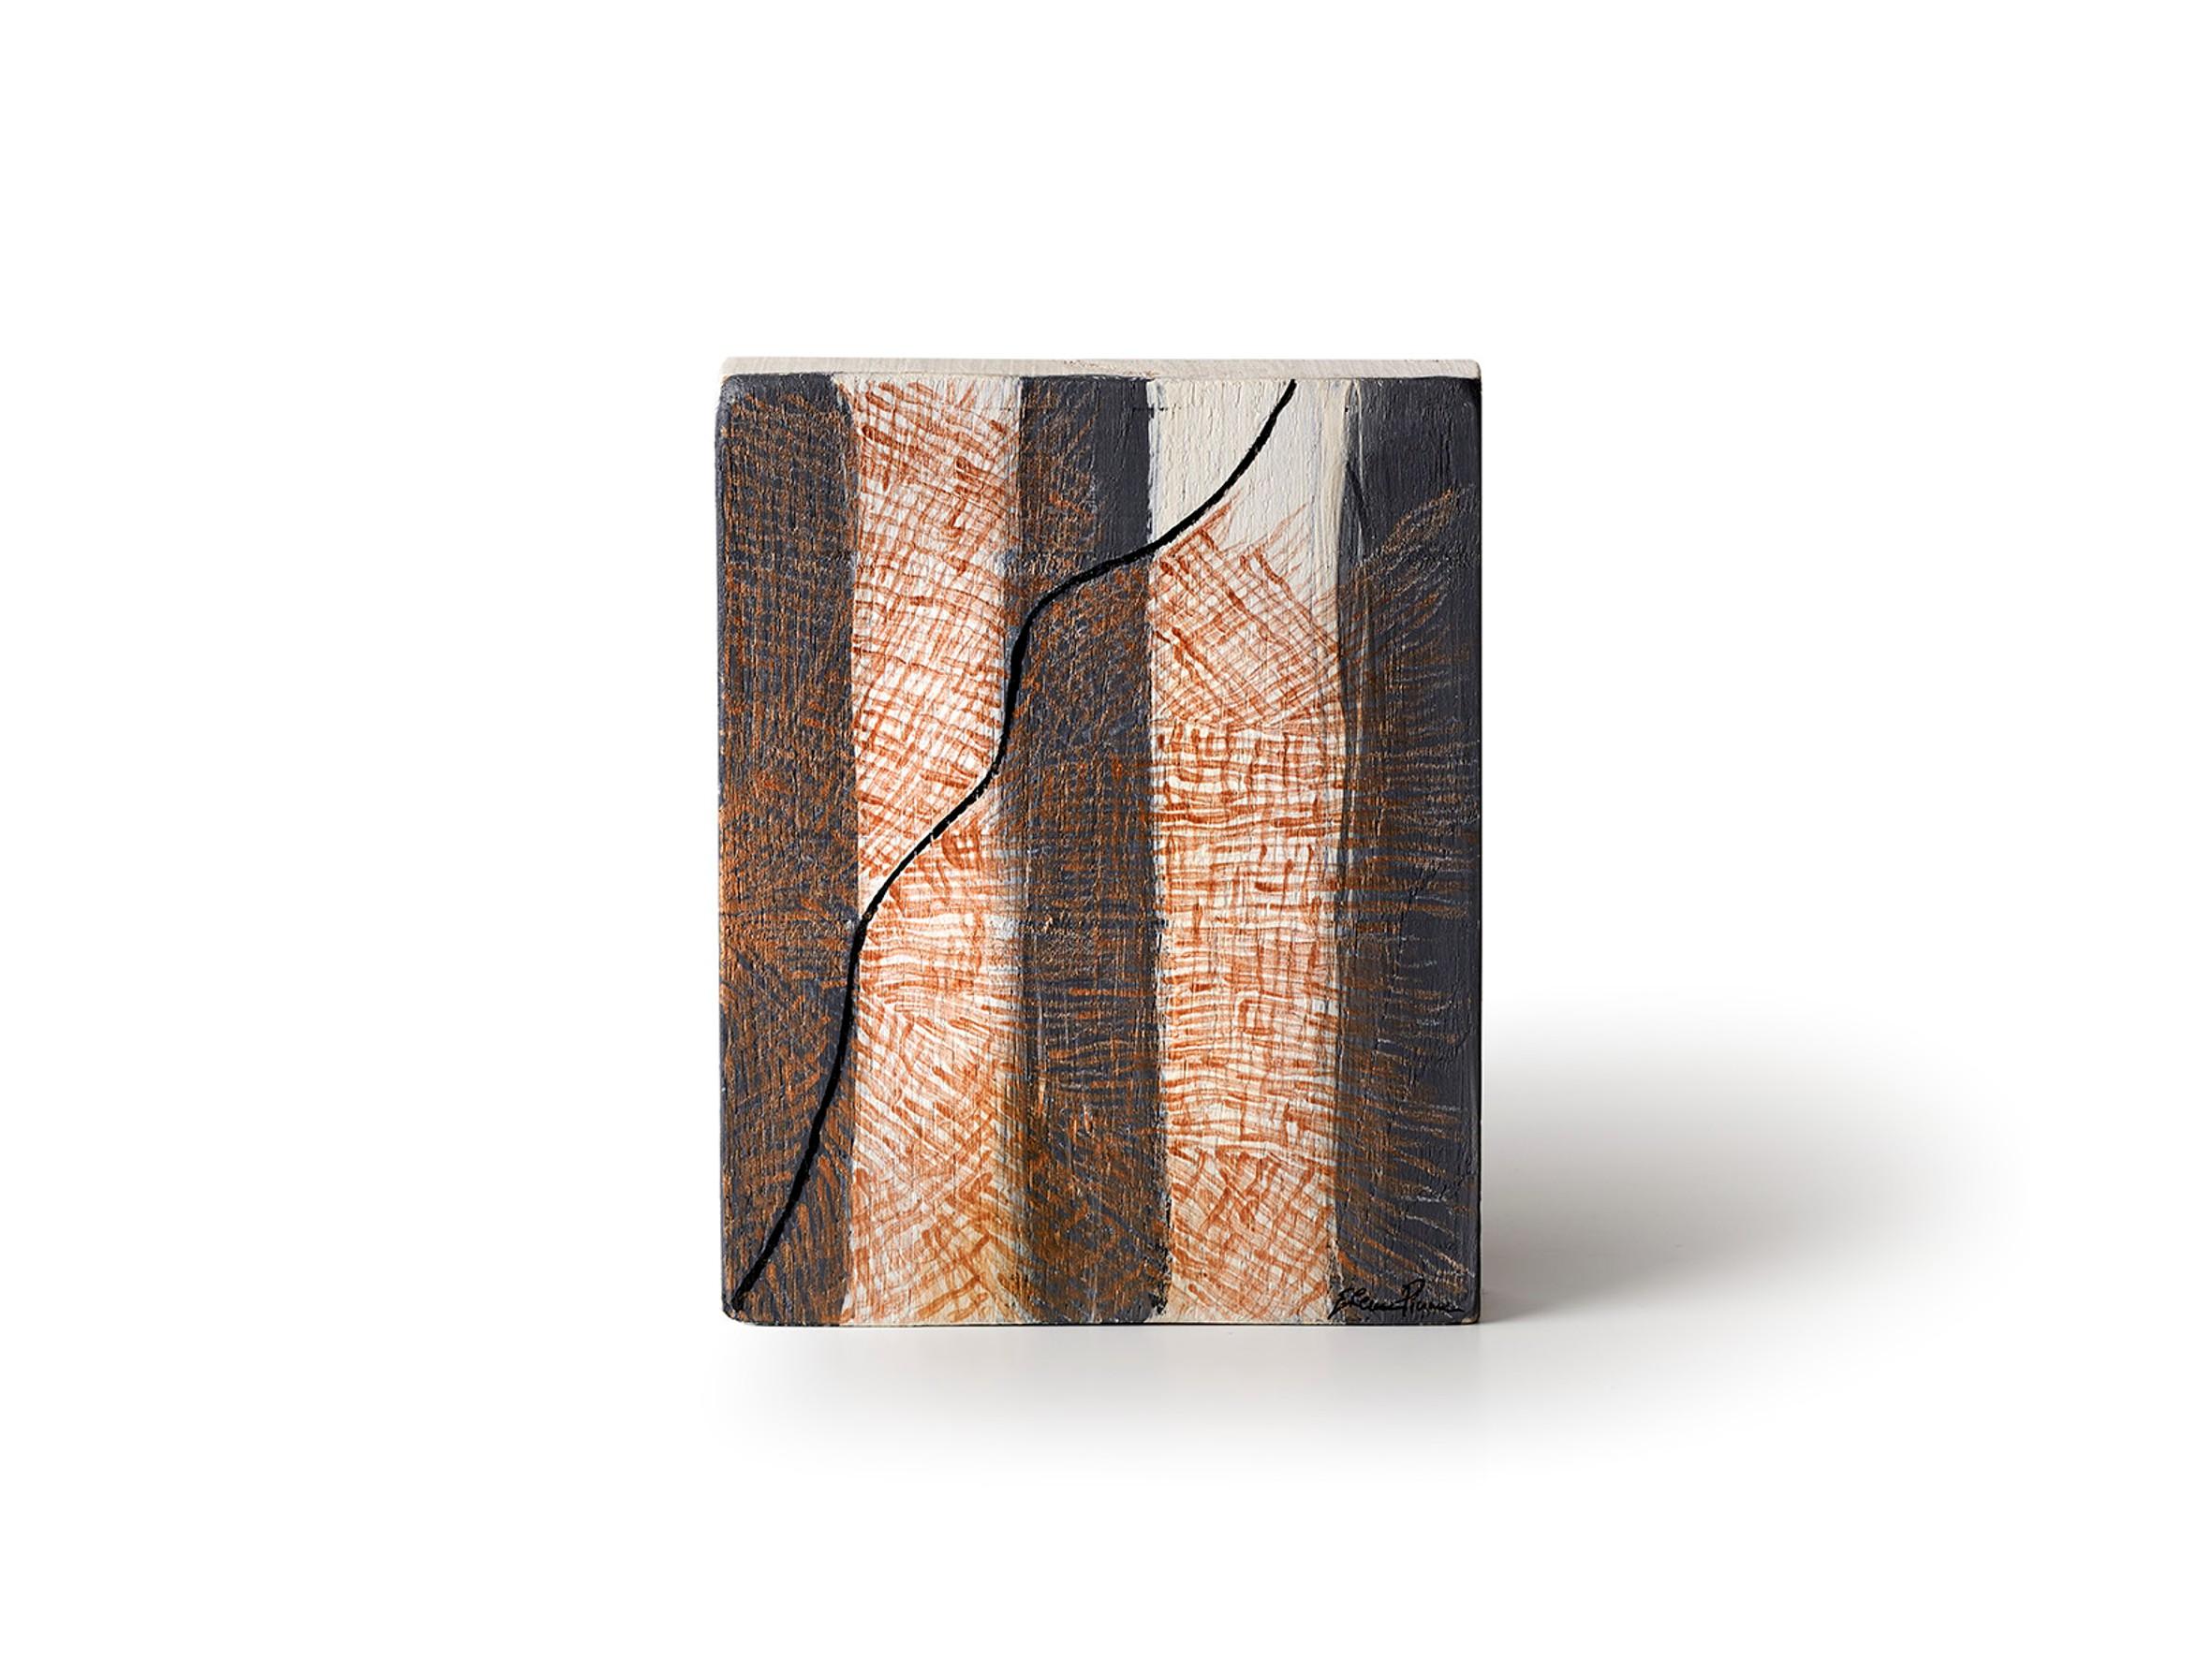 acrylic on solid wood